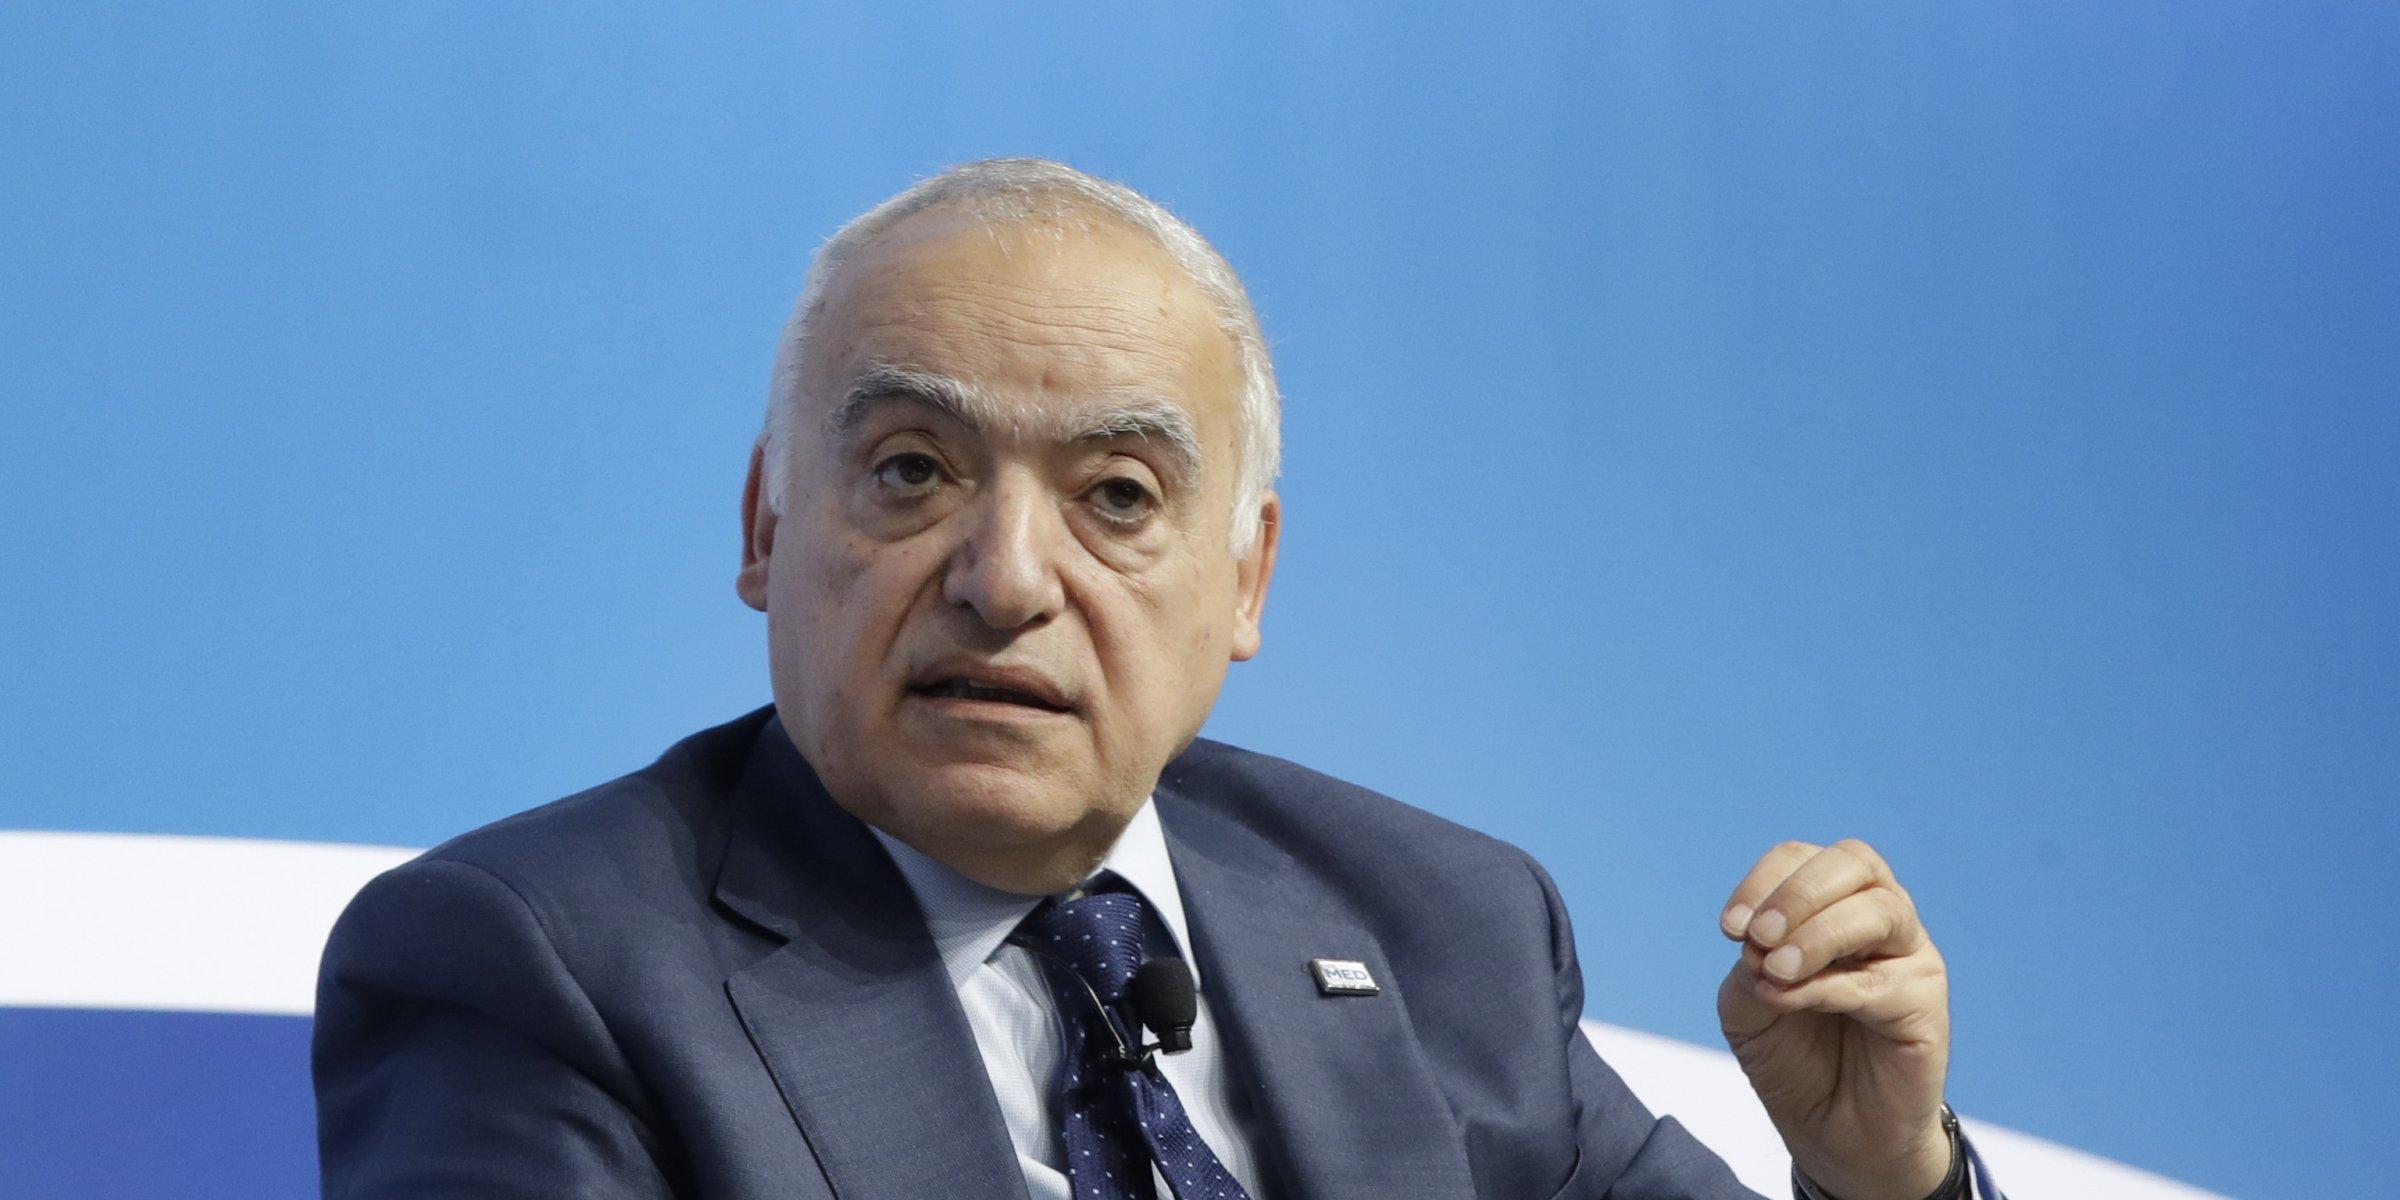 Former UN Libya envoy Salame accuses Security Council of 'hypocrisy'